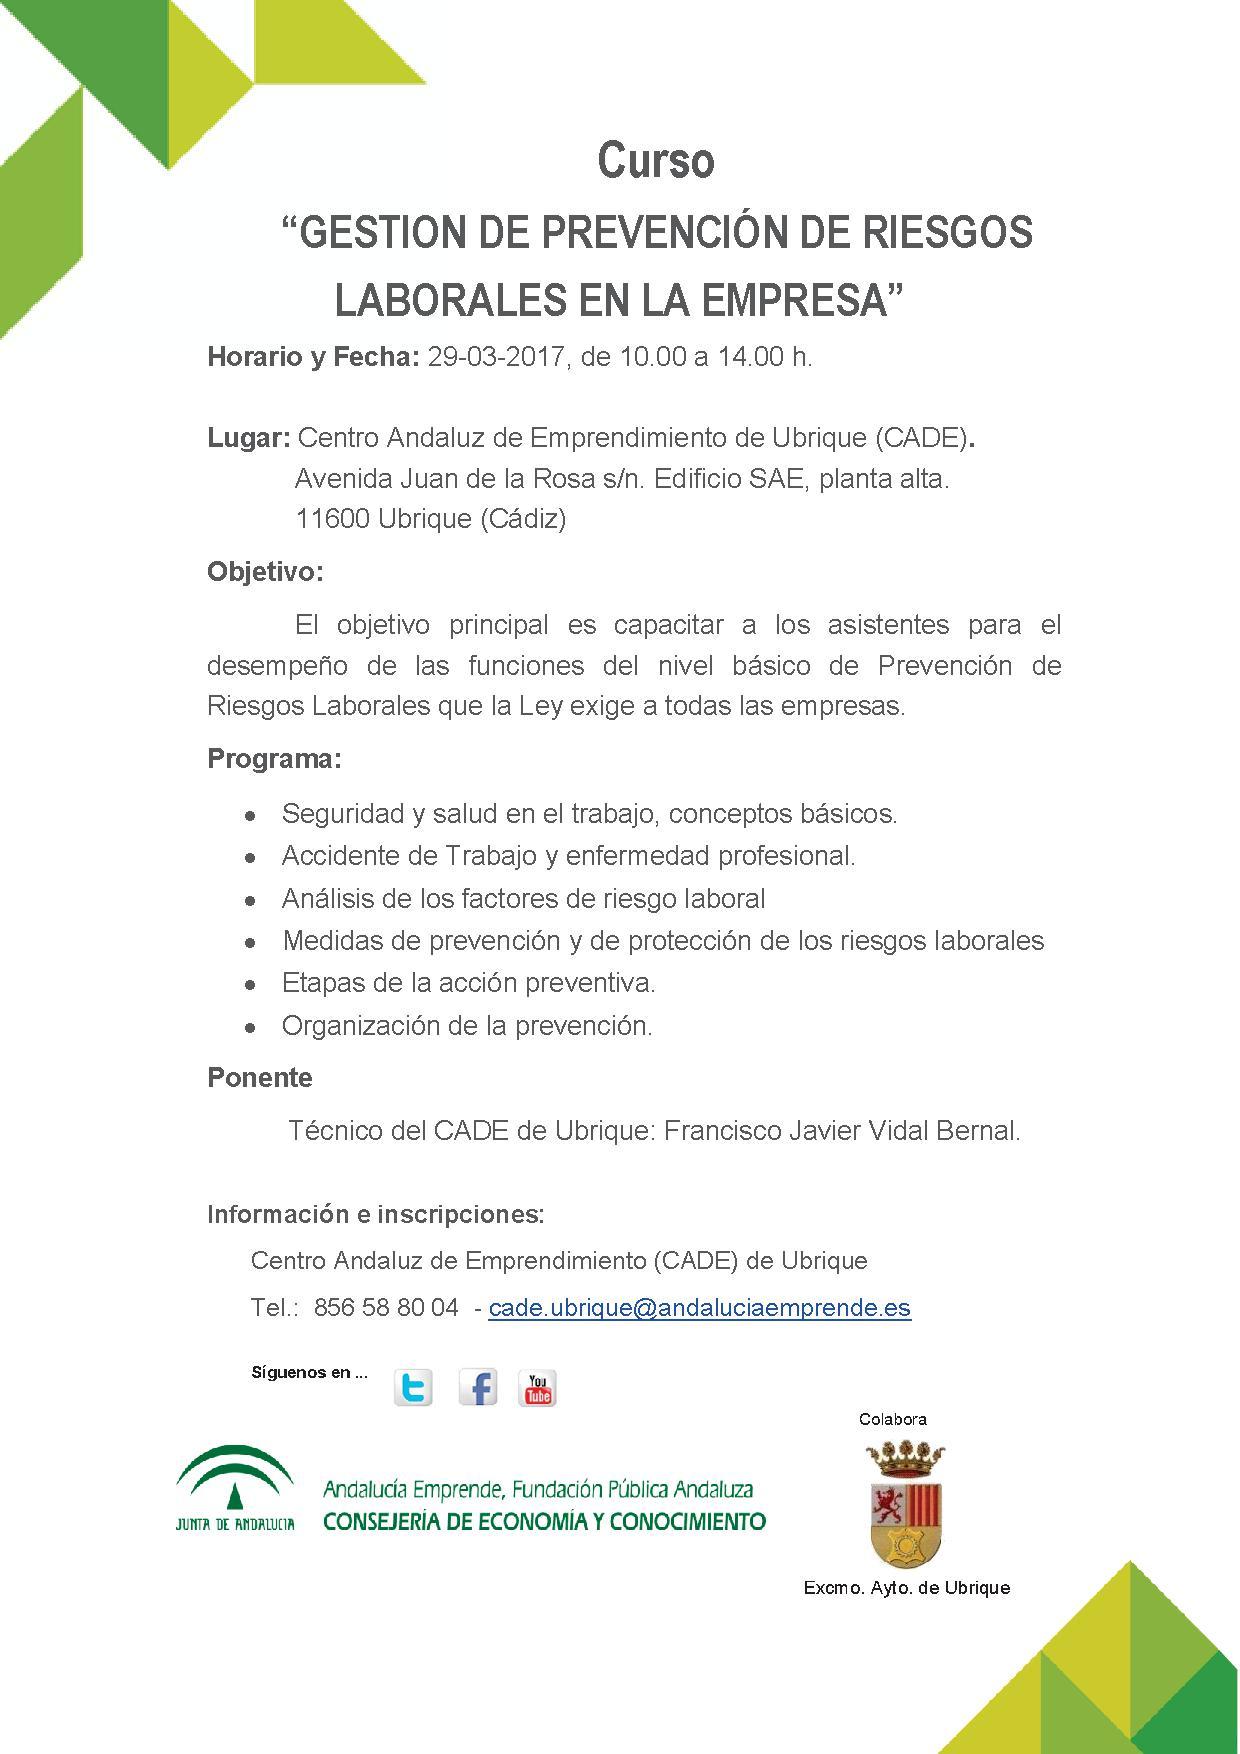 Gestión de Prevención de Riesgos laborales en la empresa - Andalucía ...